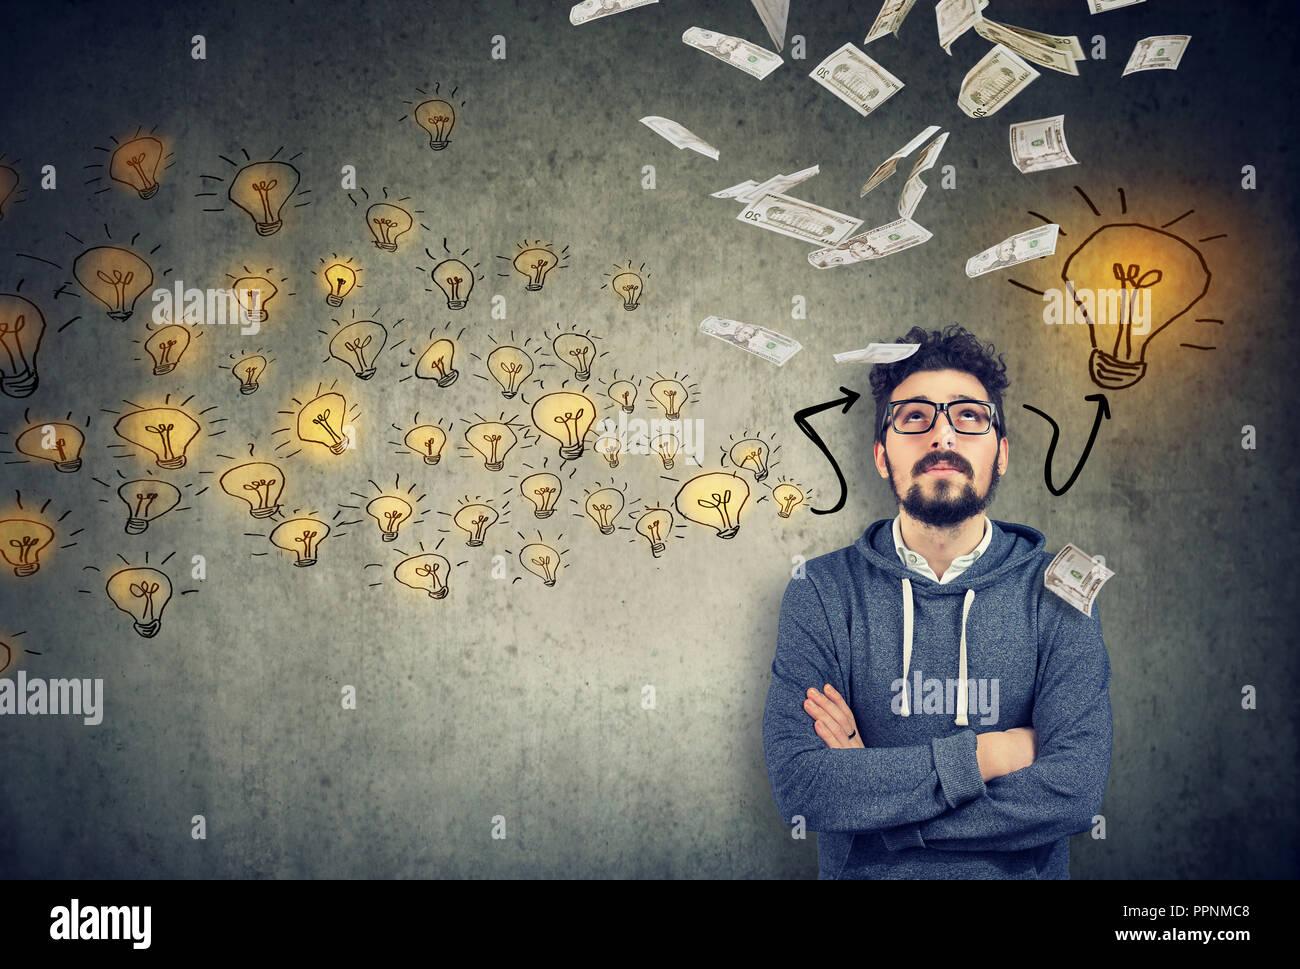 Apuesto joven contemplando una nueva financieramente exitosa idea Imagen De Stock